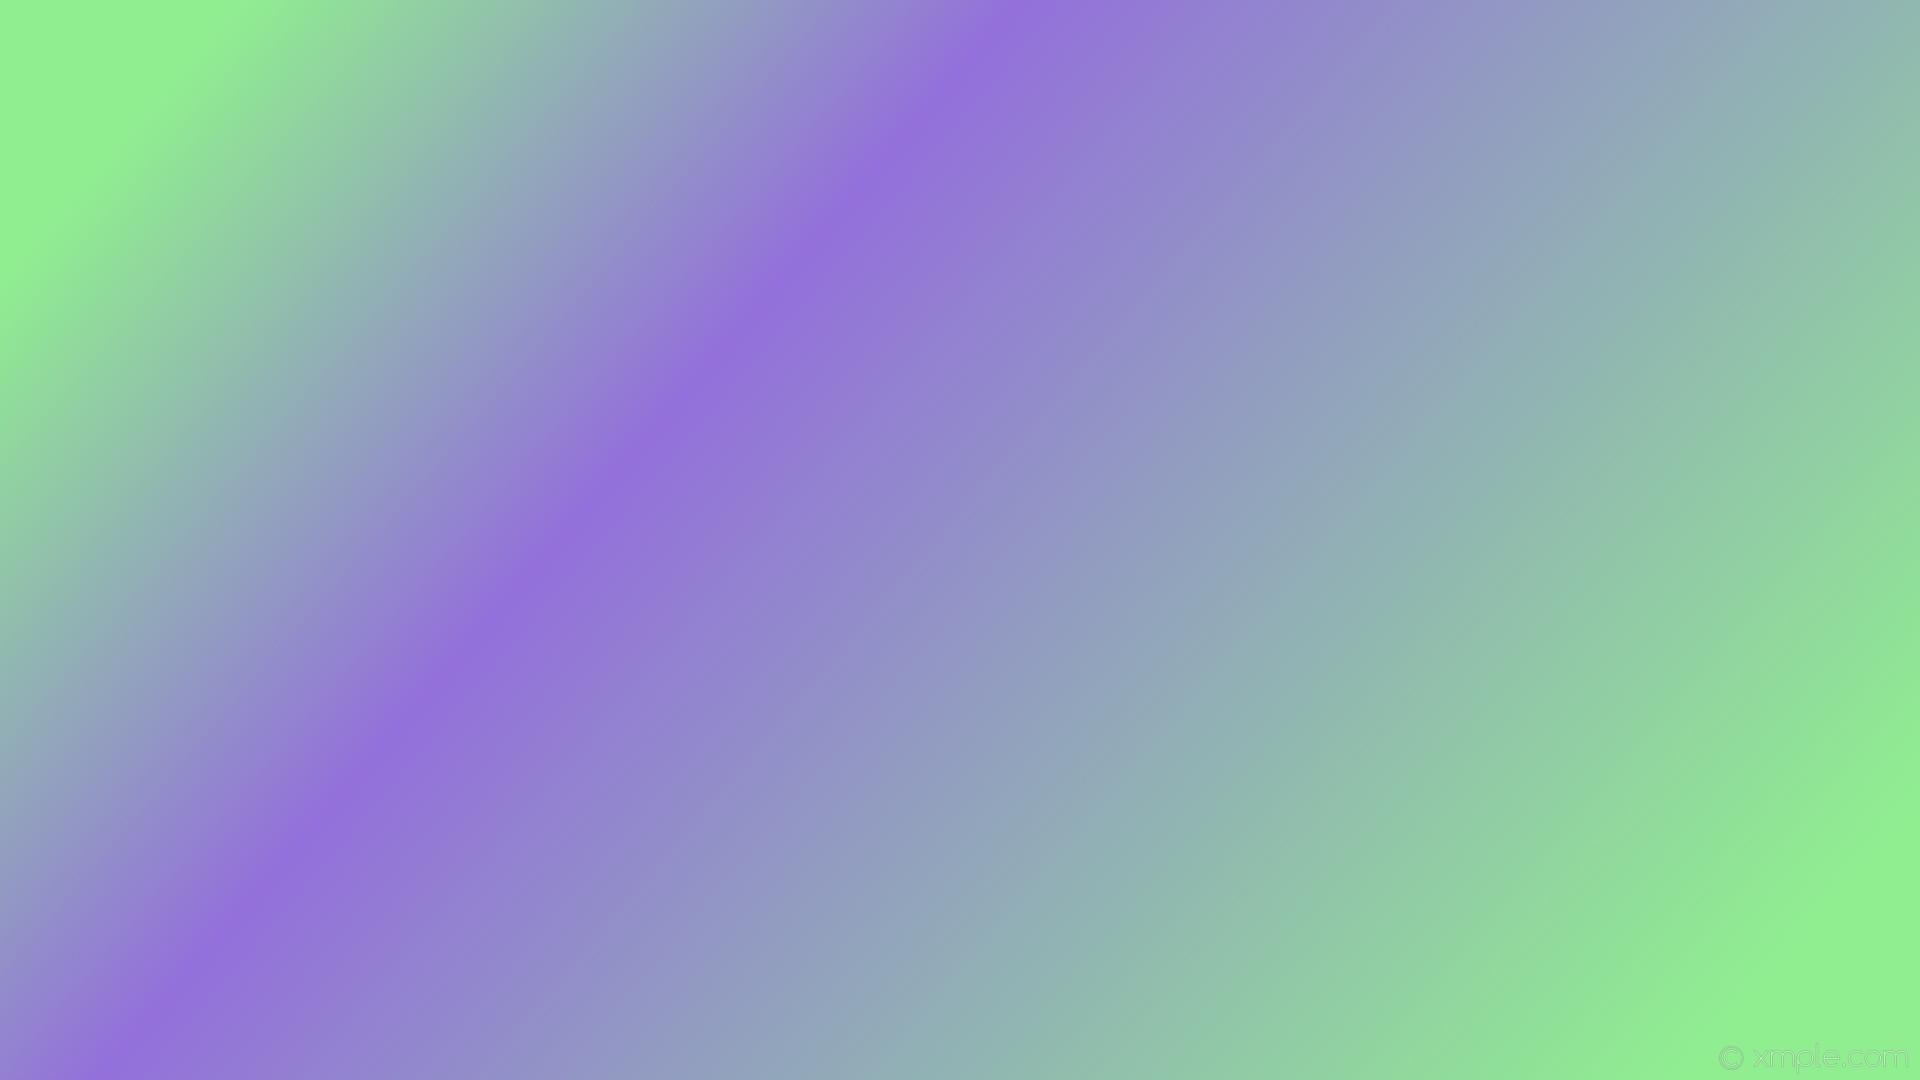 wallpaper purple highlight green gradient linear light green medium purple  #90ee90 #9370db 345°